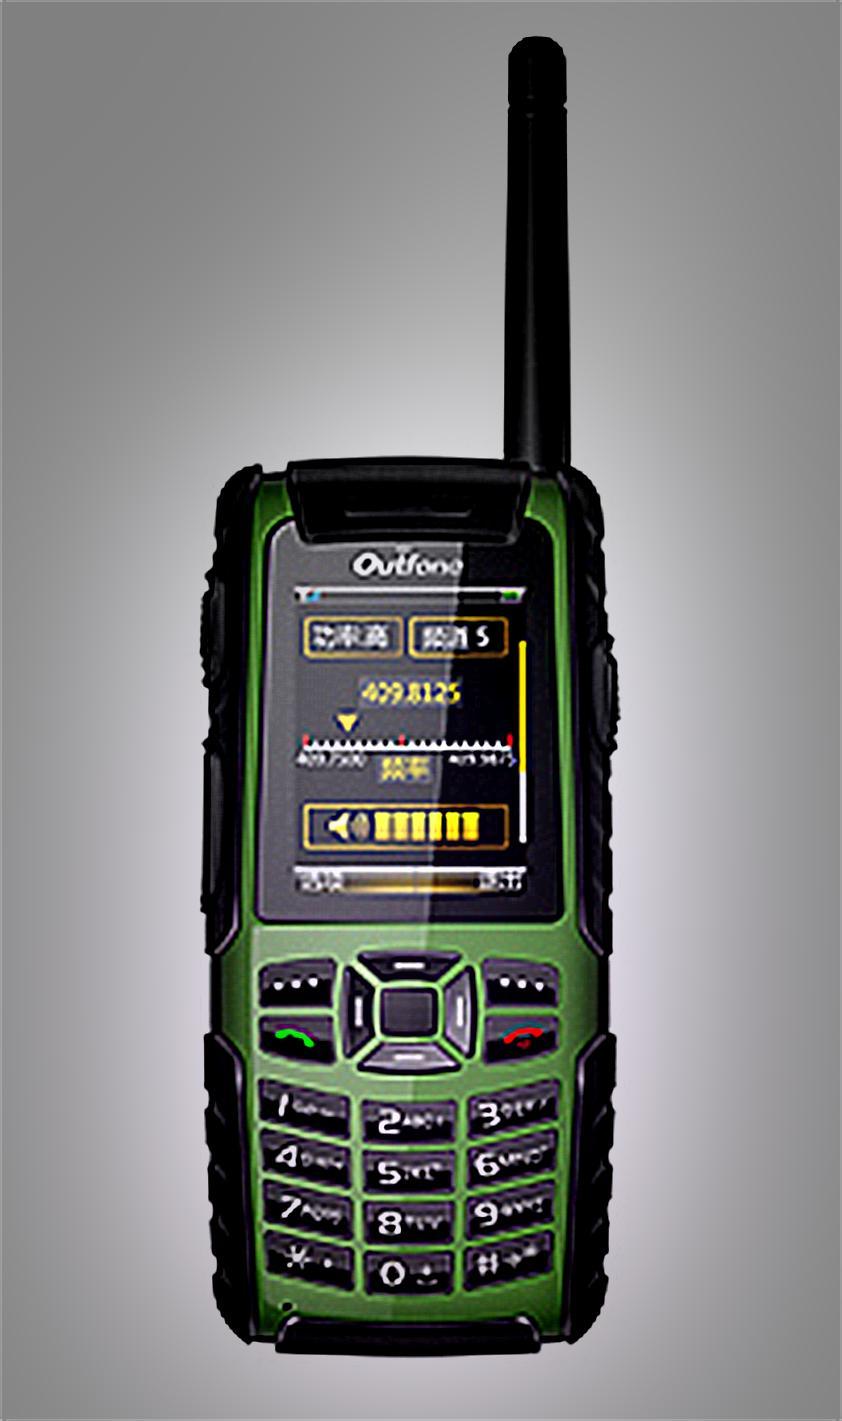 常用功能 内置多功能传感器,指南针,气压计,温度计,海拔计,相对高度图片